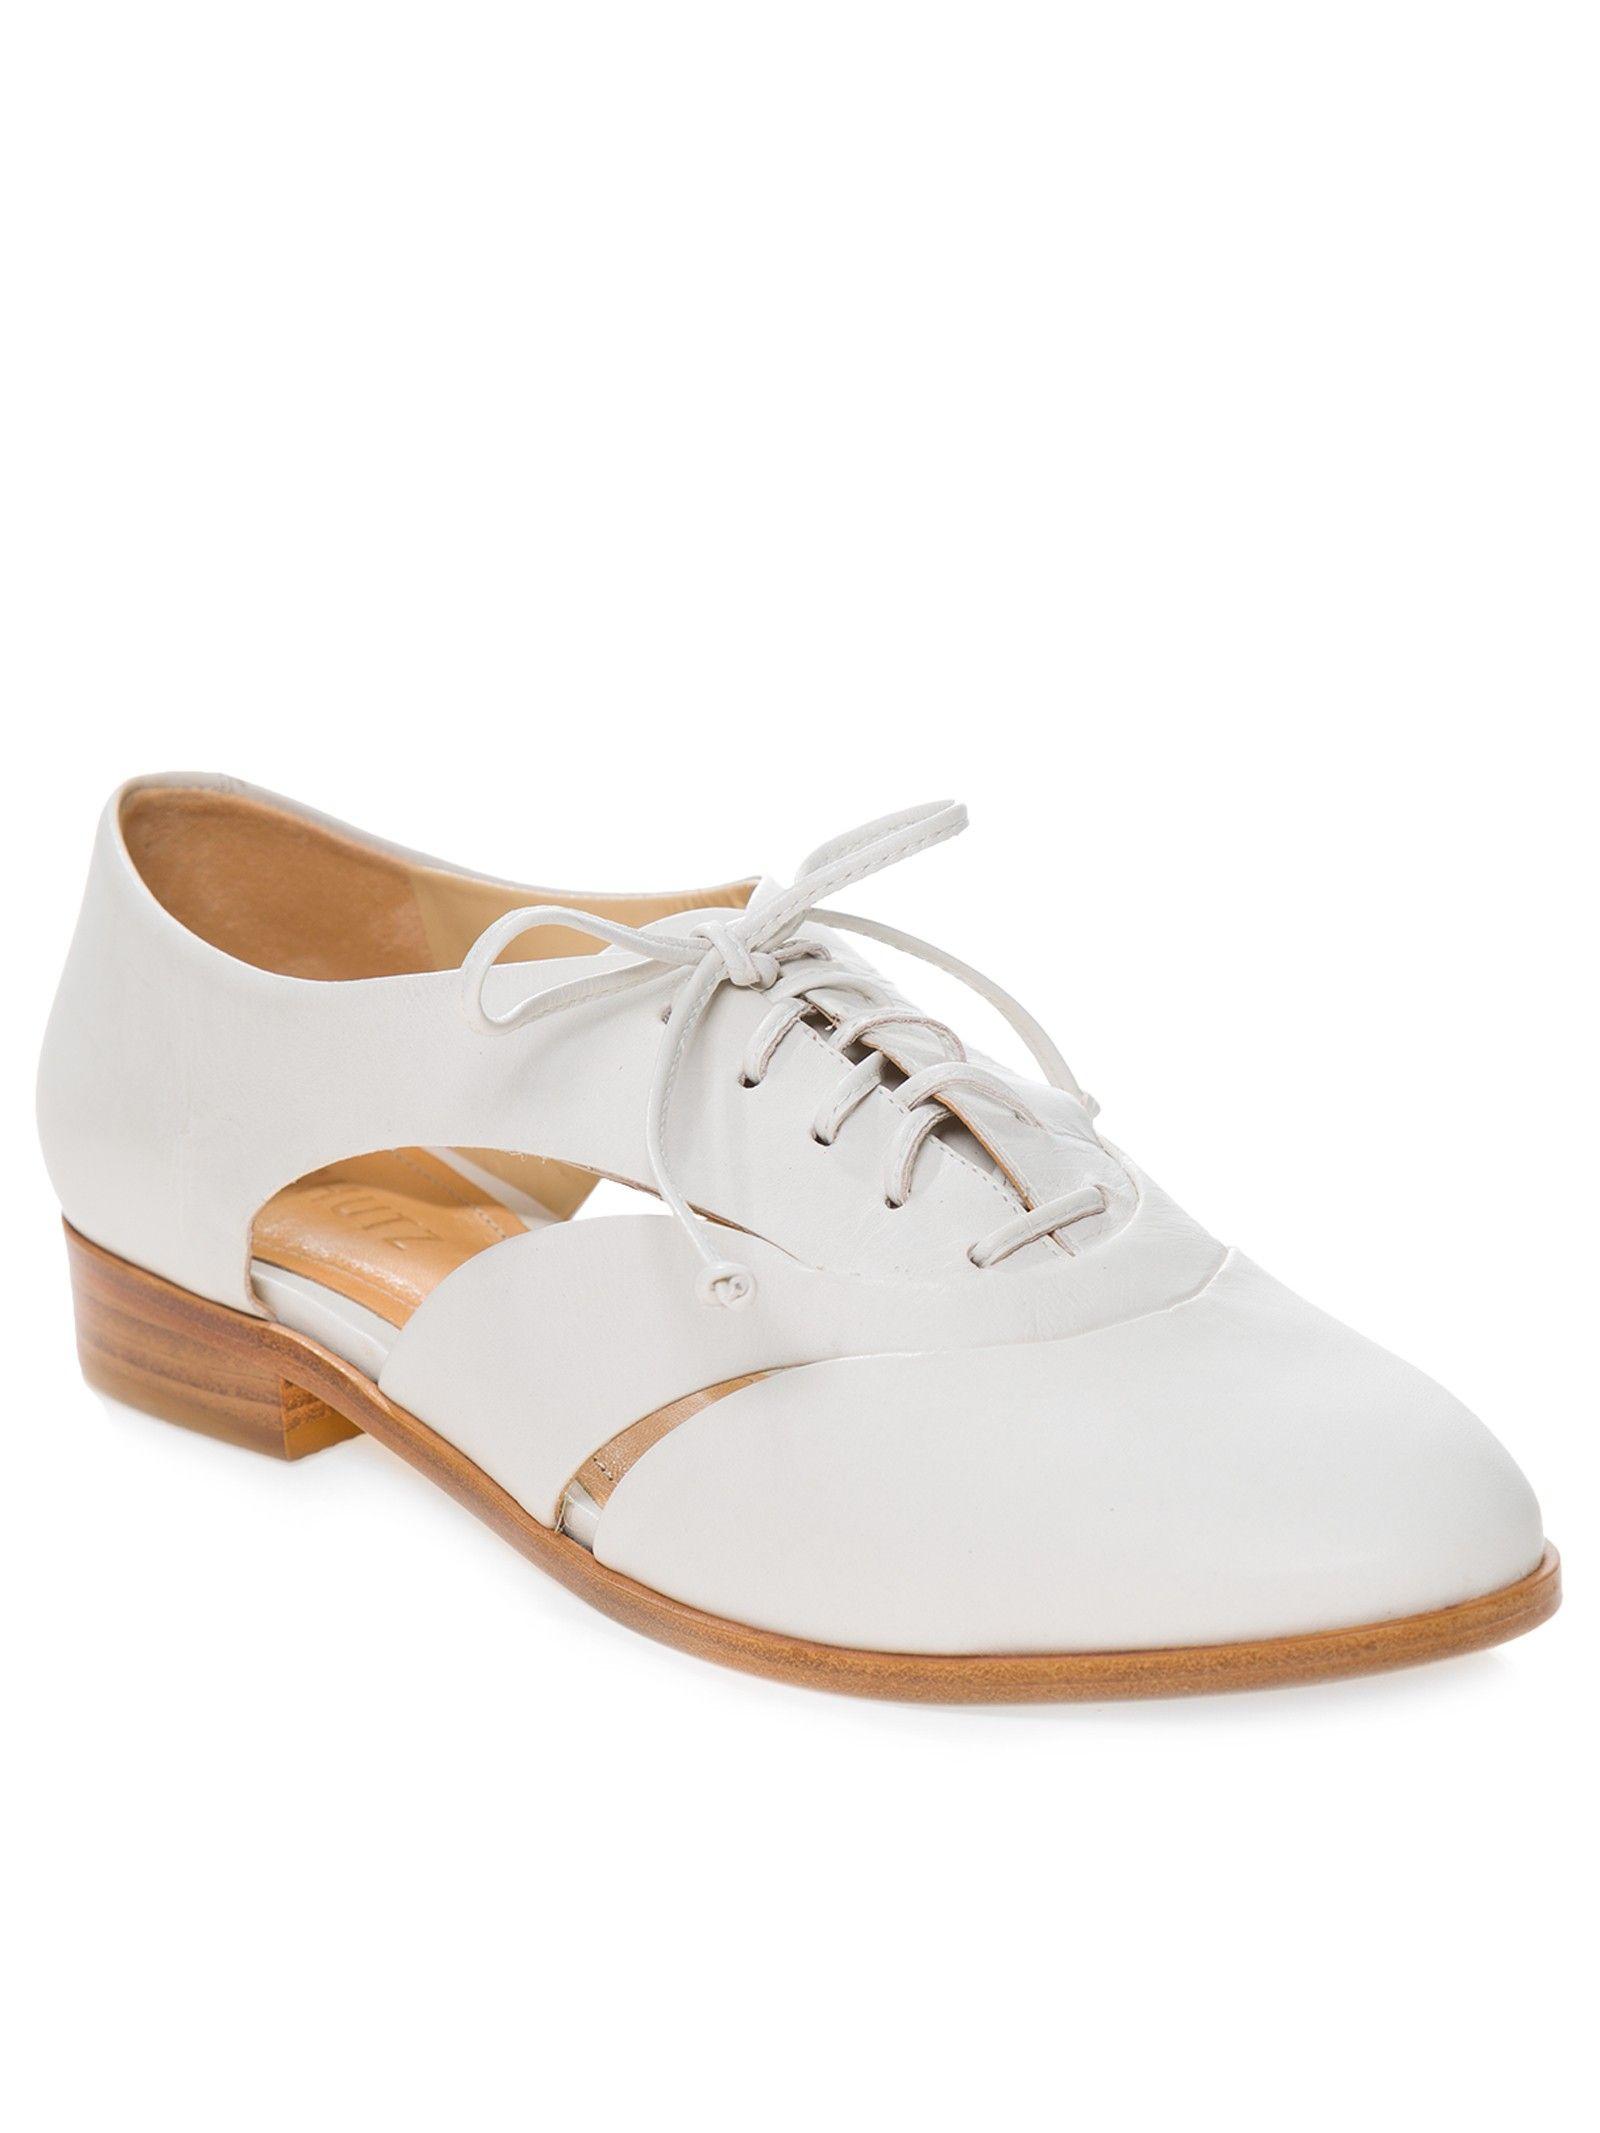 dcd4b07175 Sapato Feminino Fechado Atanado Soft - Schutz - Off White - Shop2gether